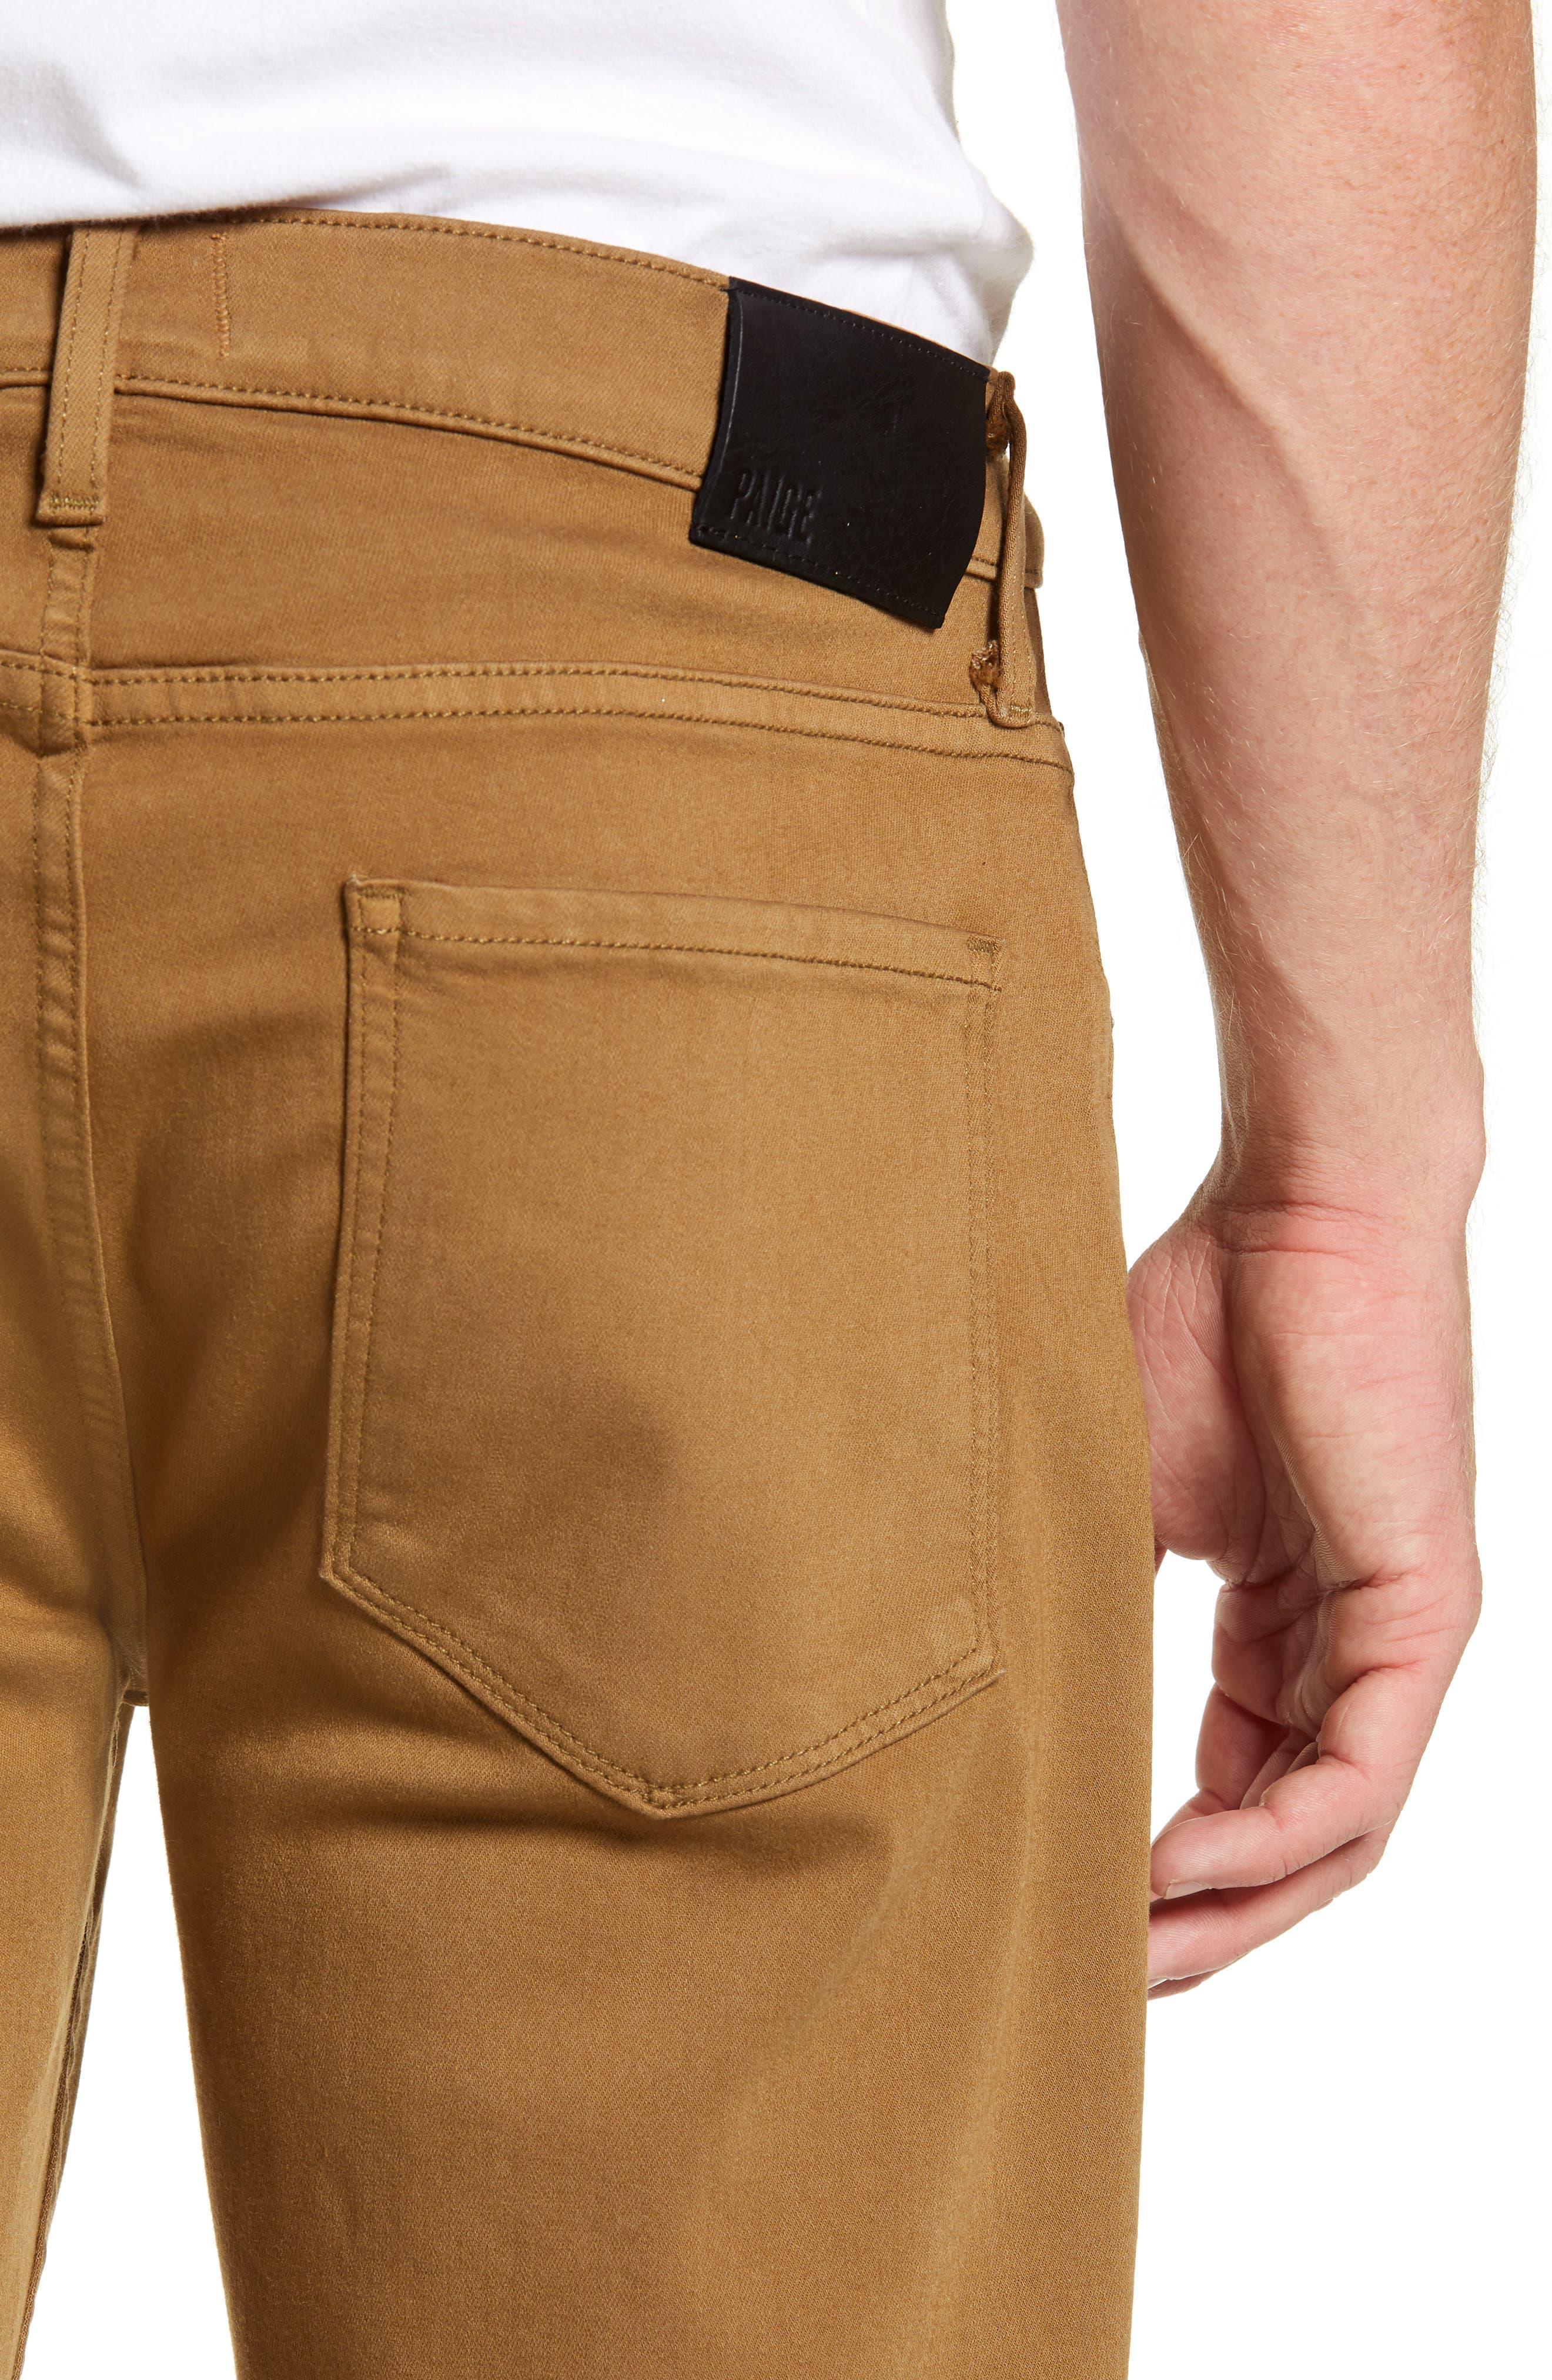 Transcend - Lennox Slim Fit Jeans,                             Alternate thumbnail 4, color,                             LAUREL TAN